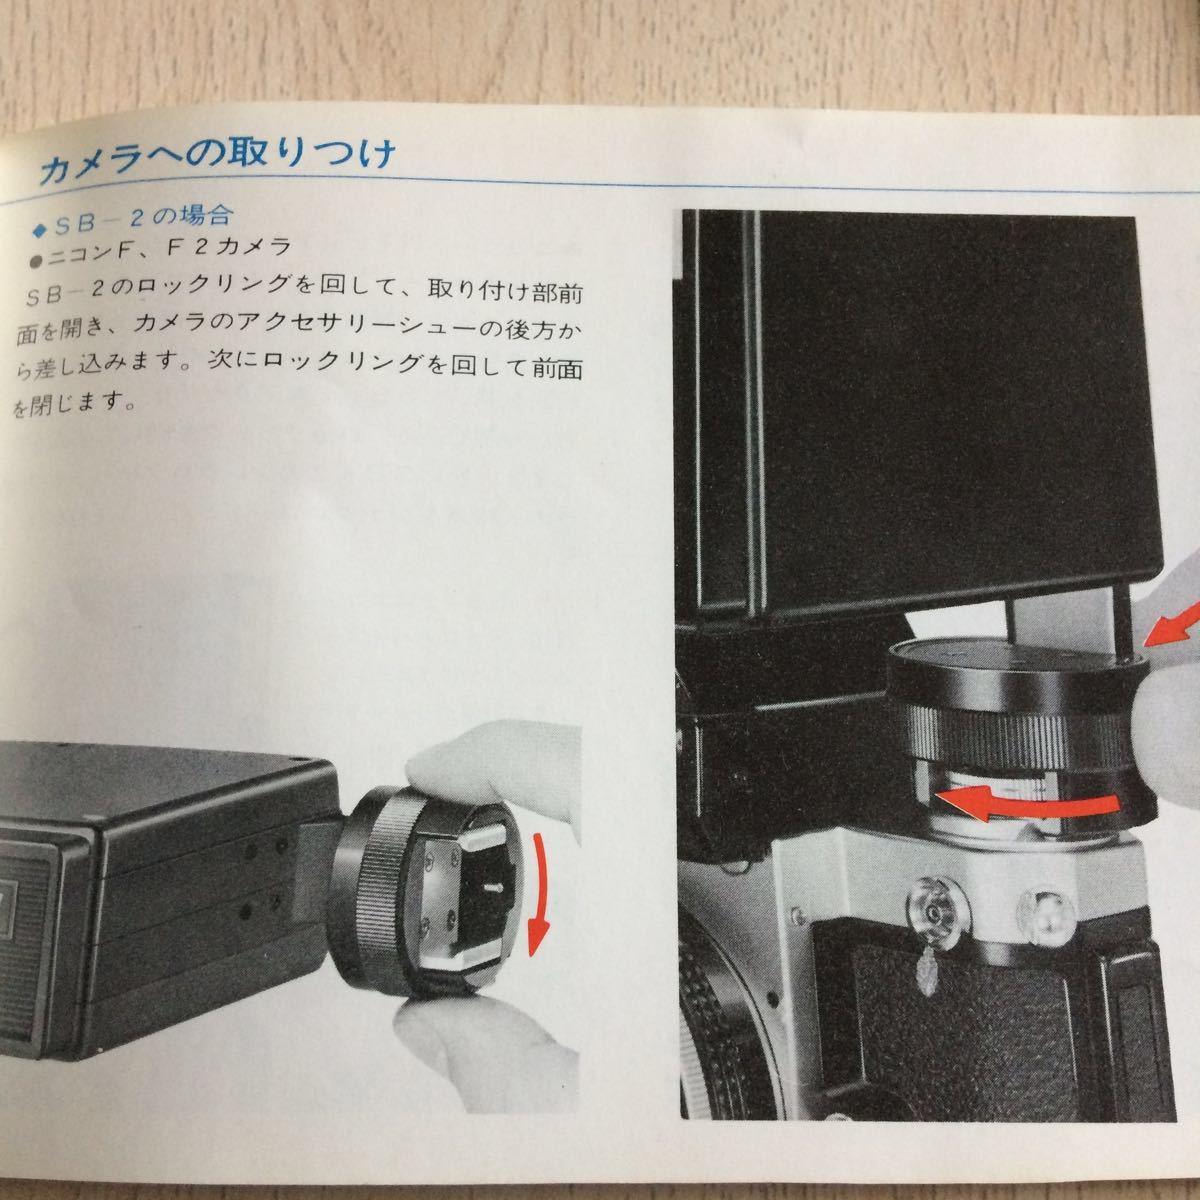 ニコン Nikon F2 取扱説明書 Nikonスピードライト_画像9